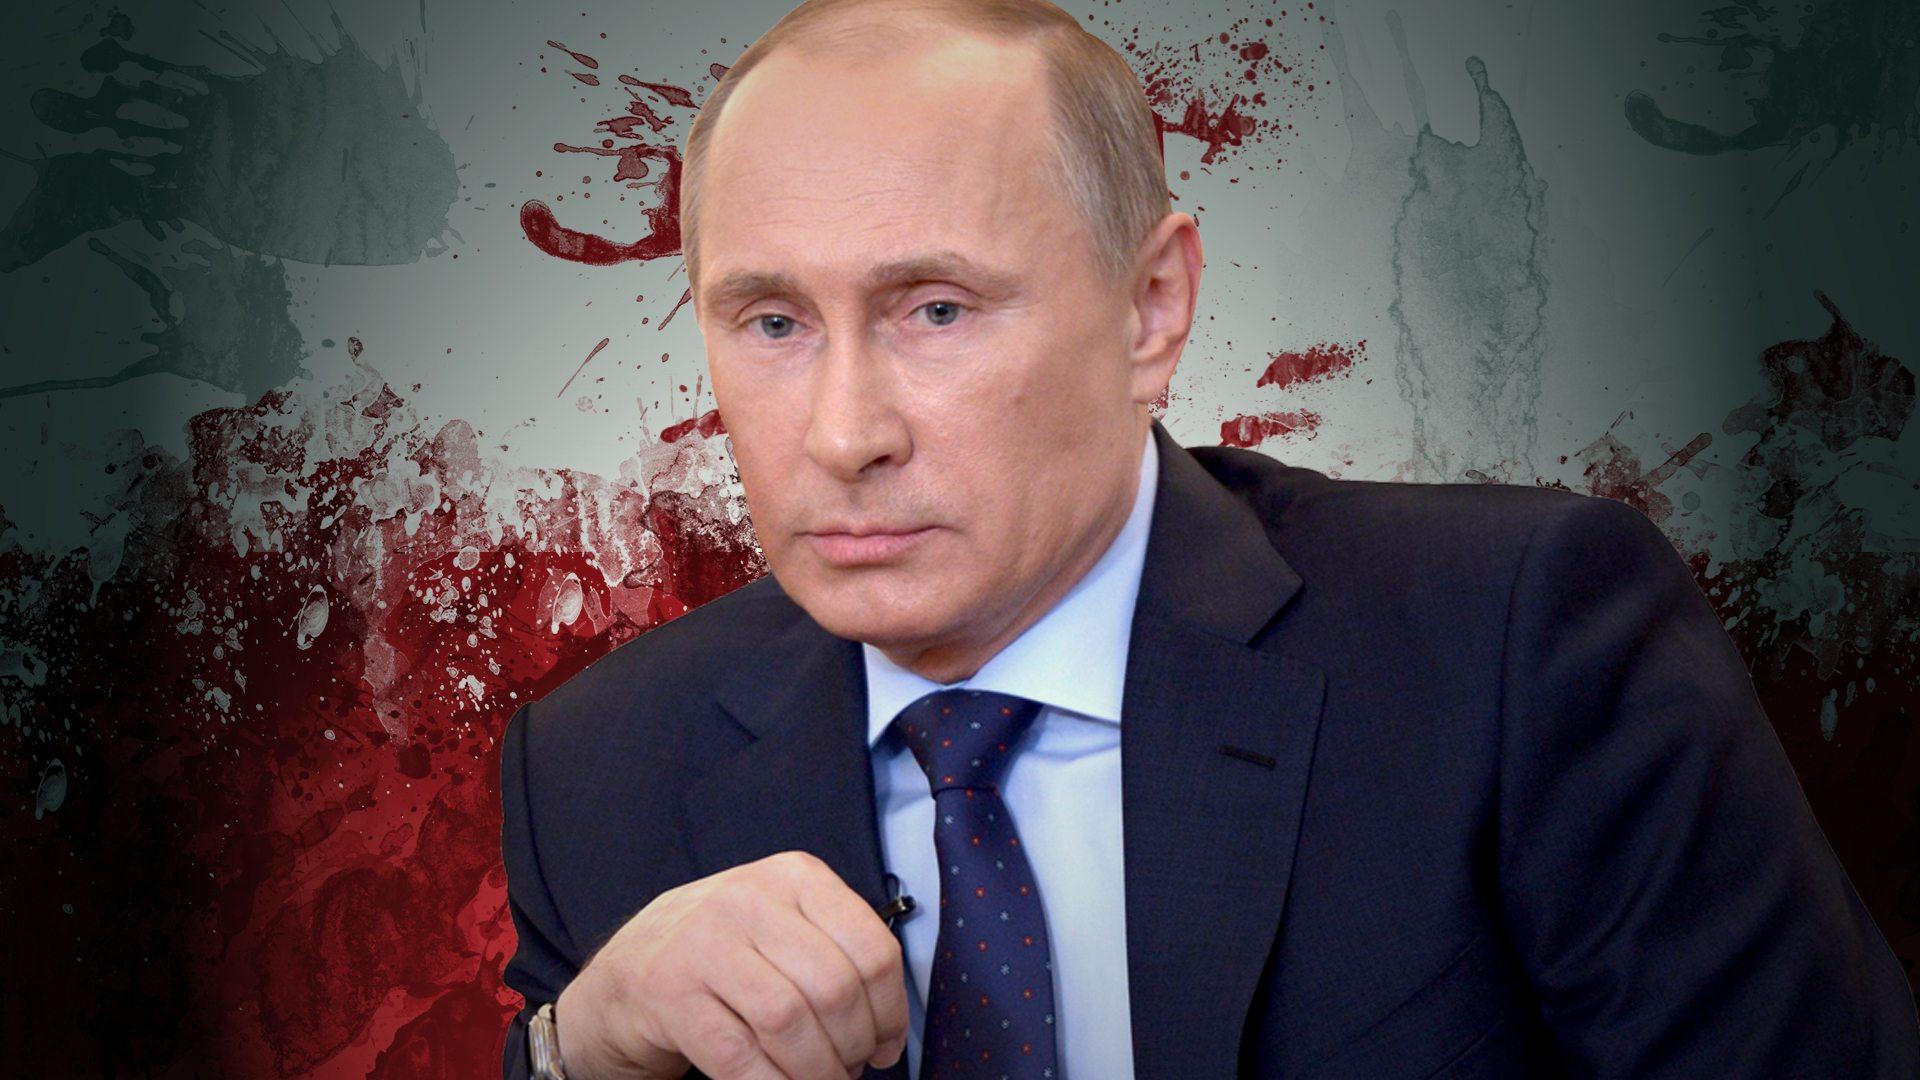 Rosja poniżyła Polskę na oczach świata. Ten gest Putina na Nowy Rok mówi wszystko